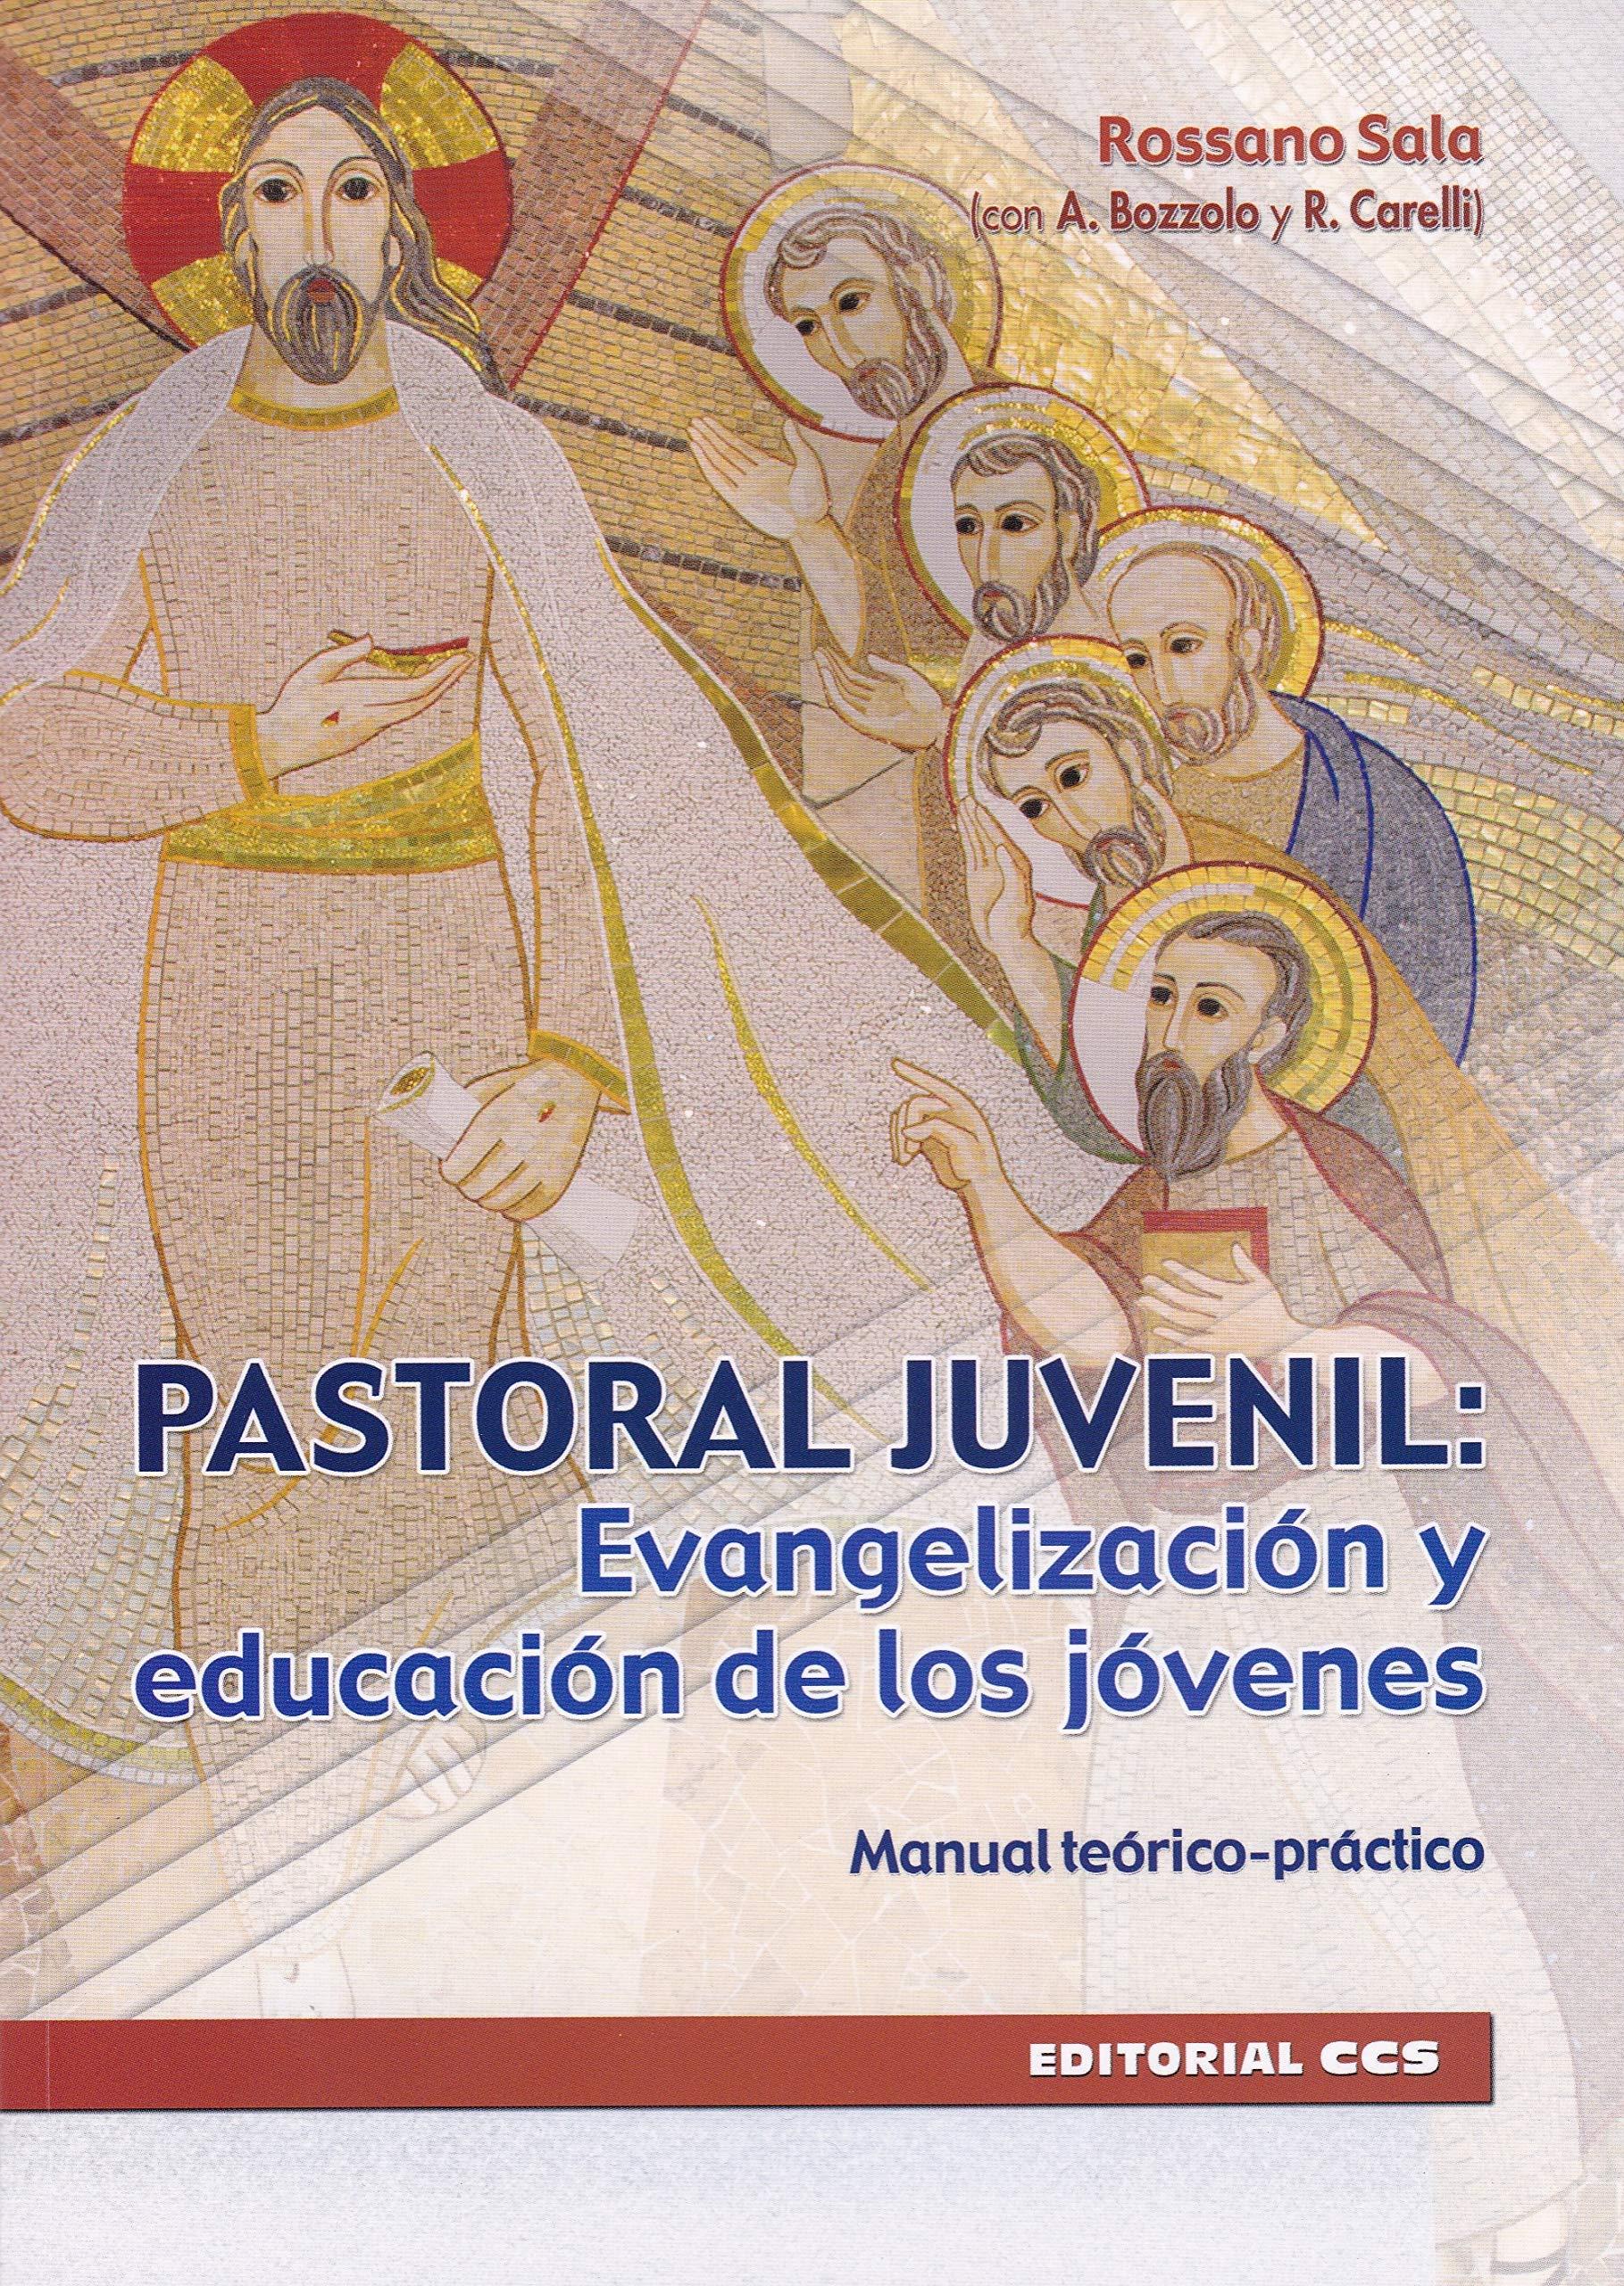 Pastoral juvenil: Evangelizacion y Educa Claves cristianas: Amazon.es: Sala, Rossano: Libros